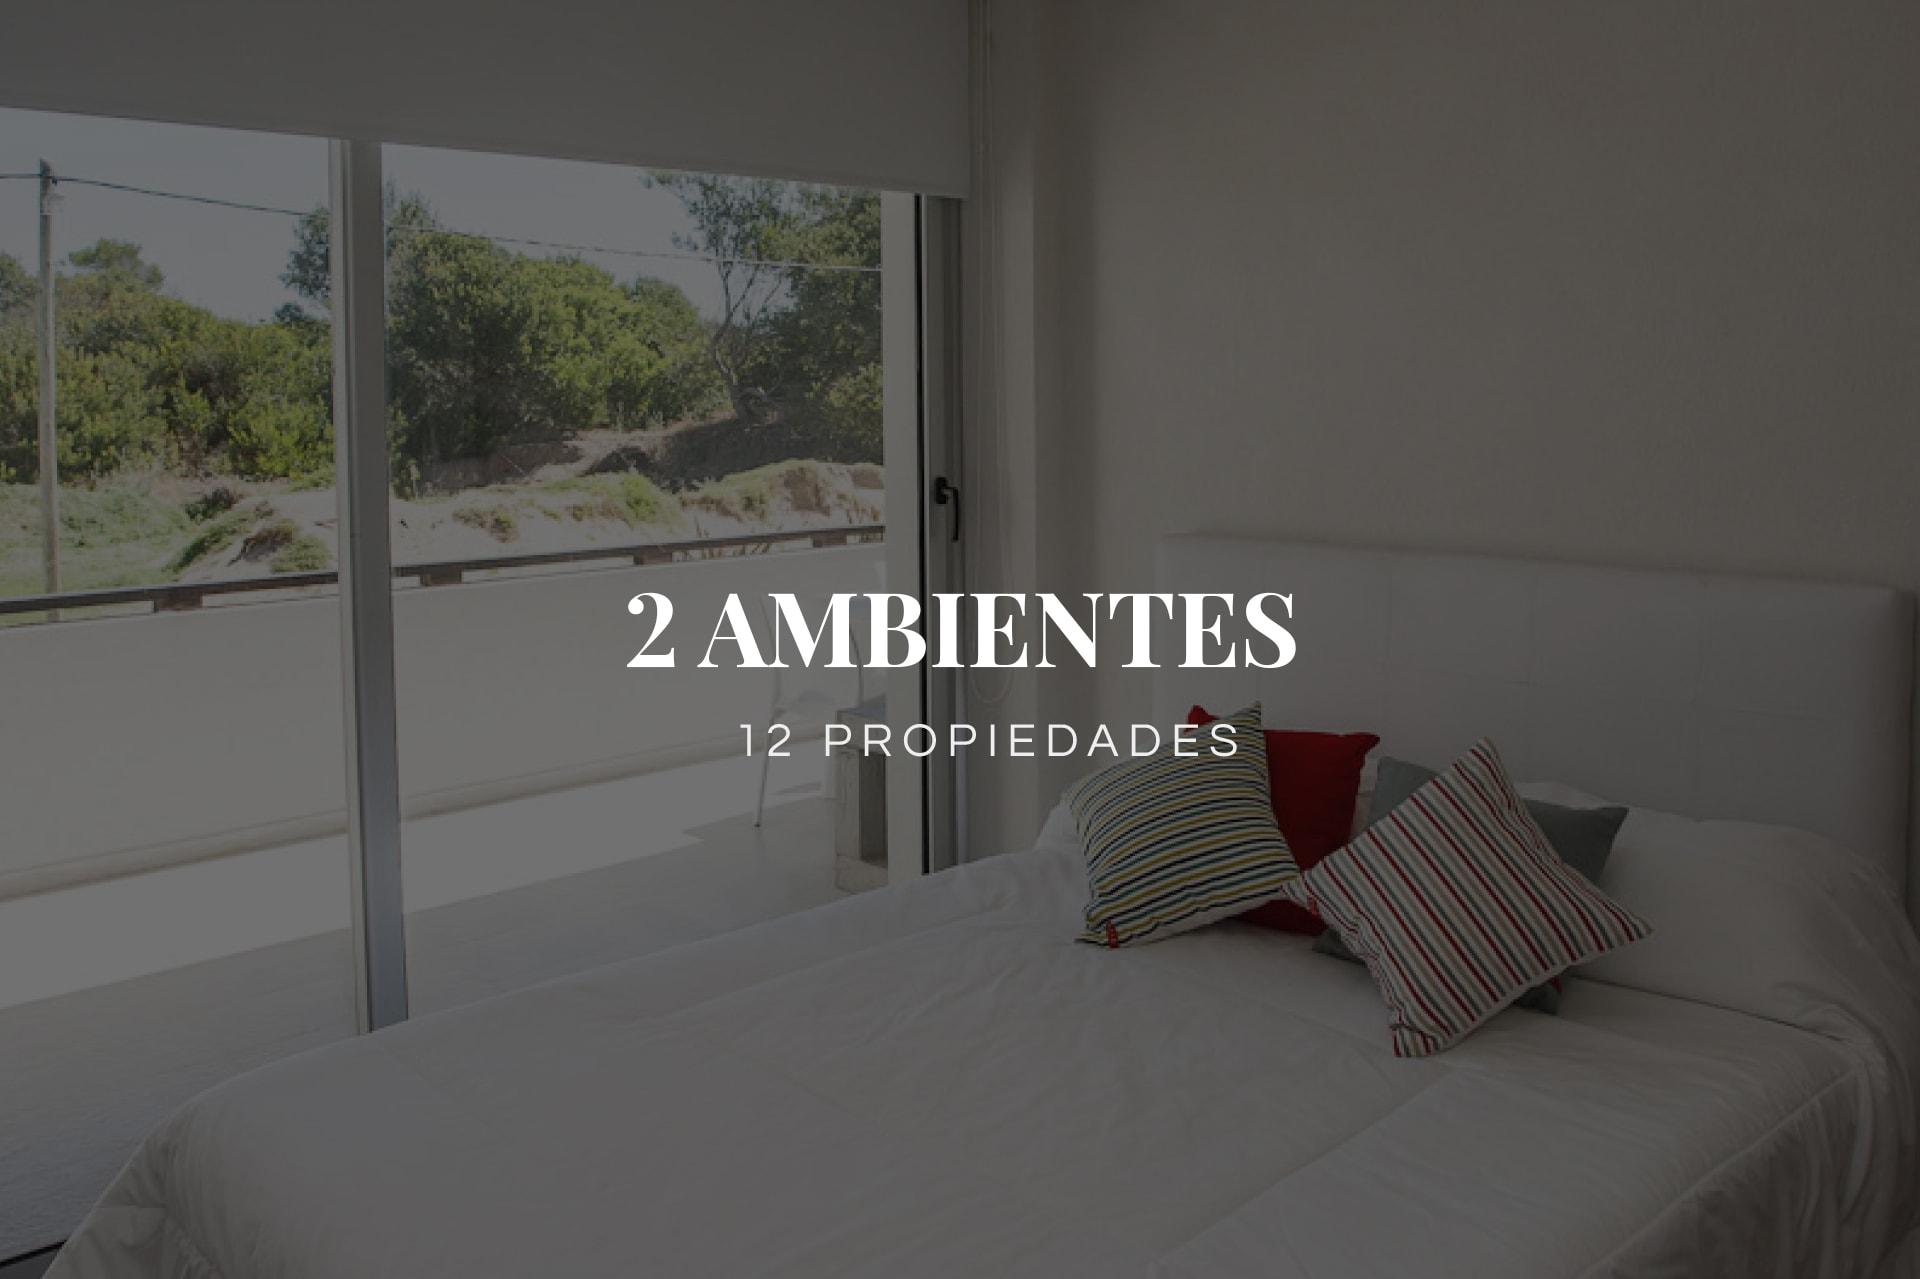 2 ambientes